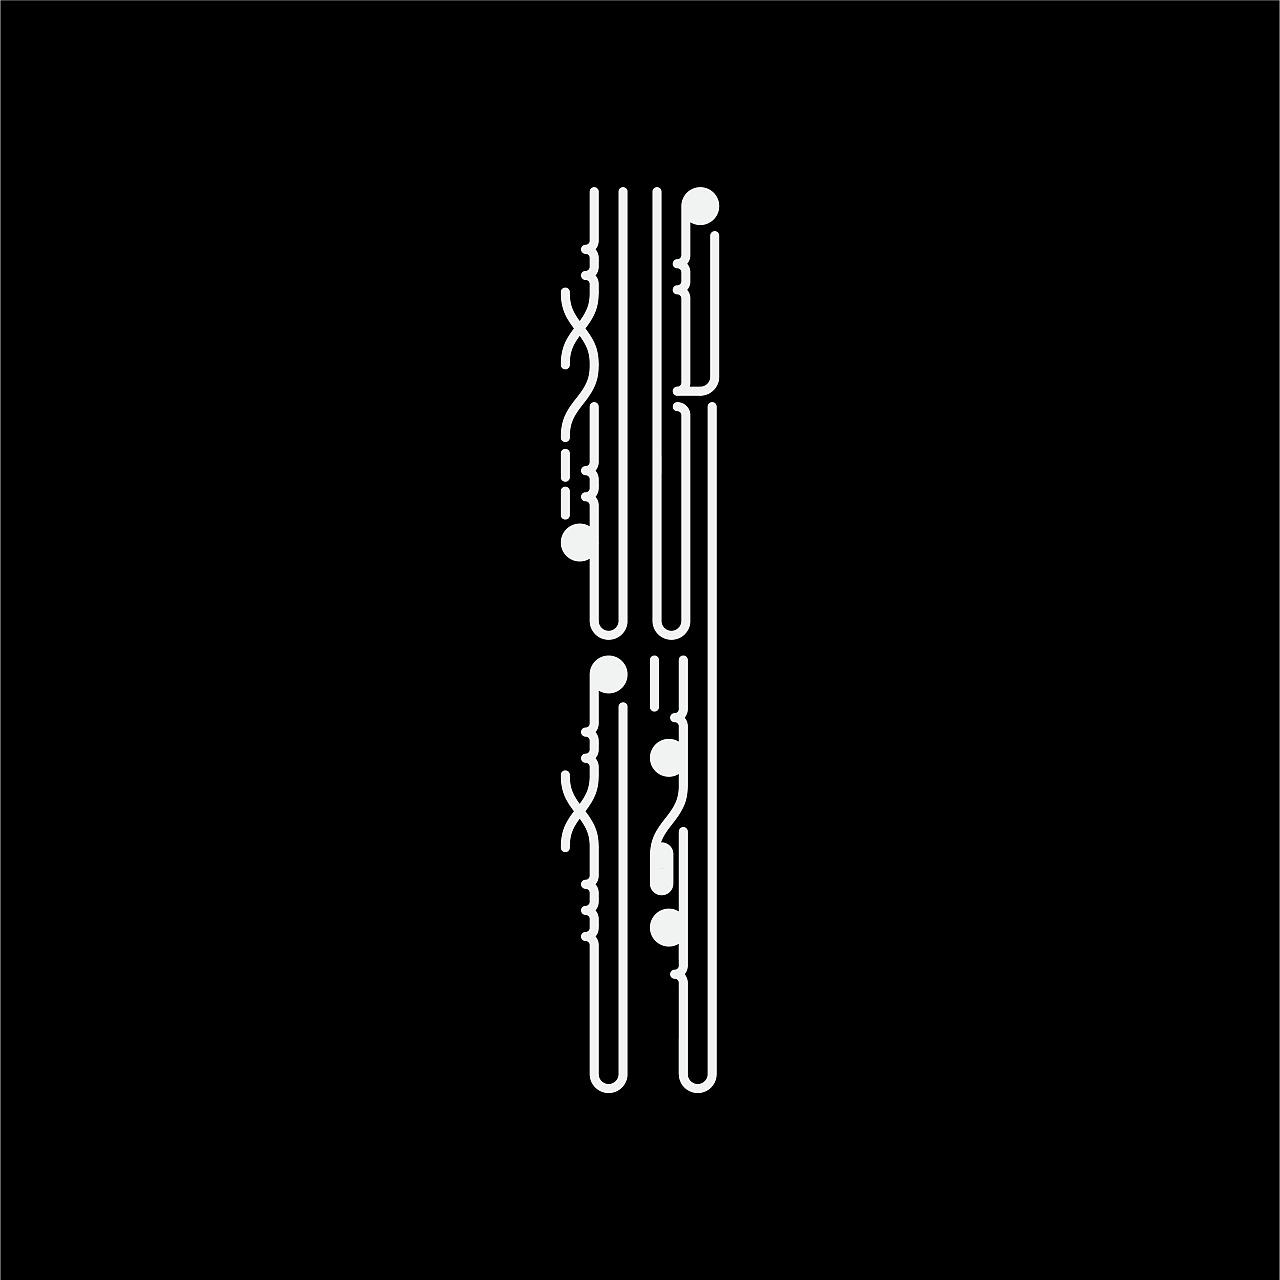 蒙古文字体设计—包立华 第4张